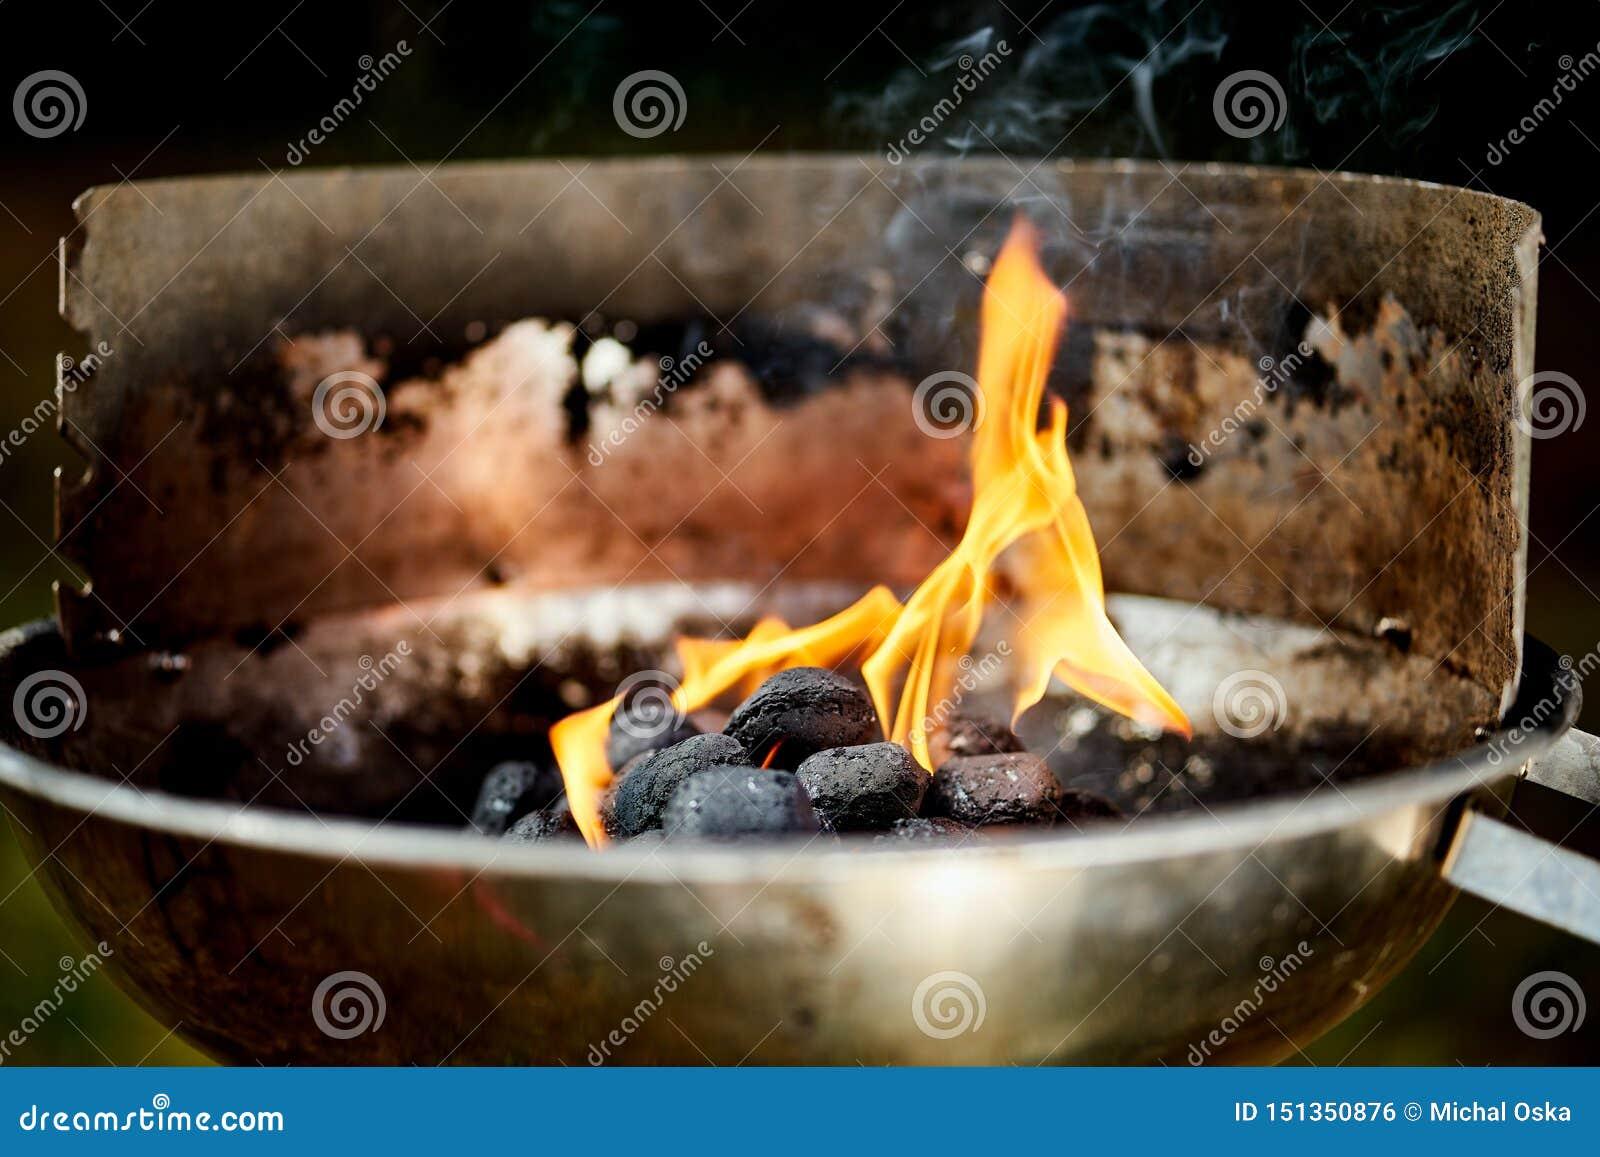 Nahaufnahme der glühenden Kohle im Metallgrill am Sommertag im Garten